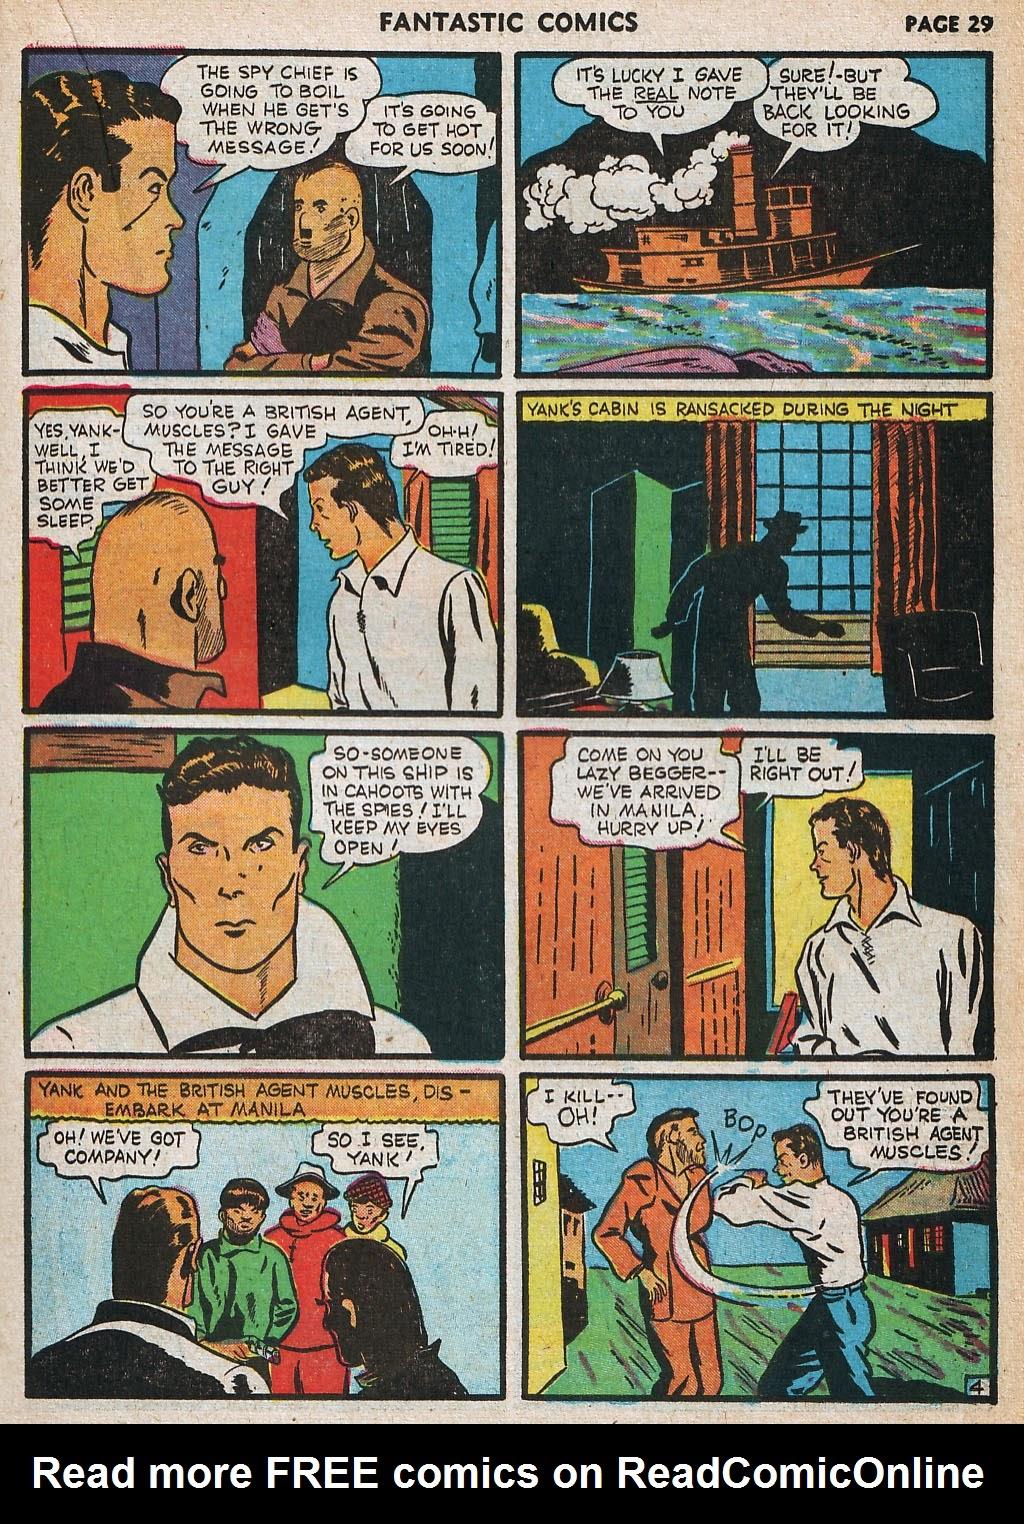 Read online Fantastic Comics comic -  Issue #20 - 30